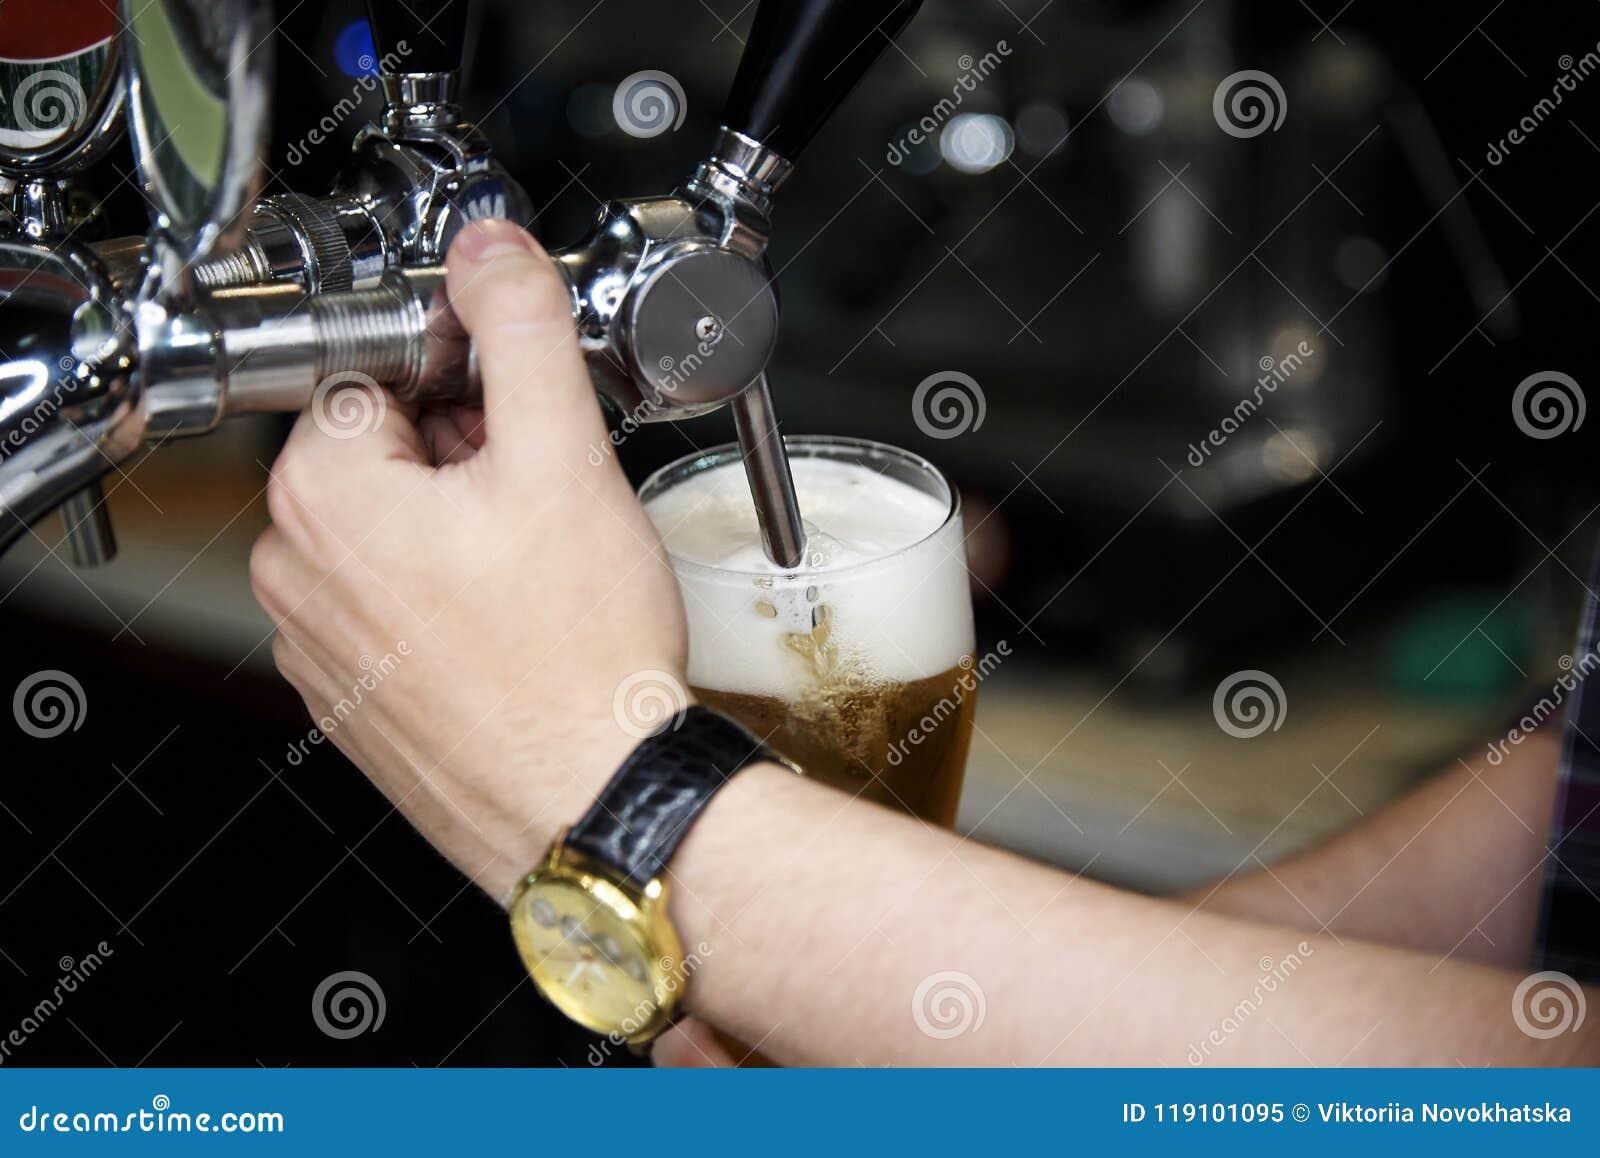 De la bière est versée du robinet dans un verre de bière de mousse